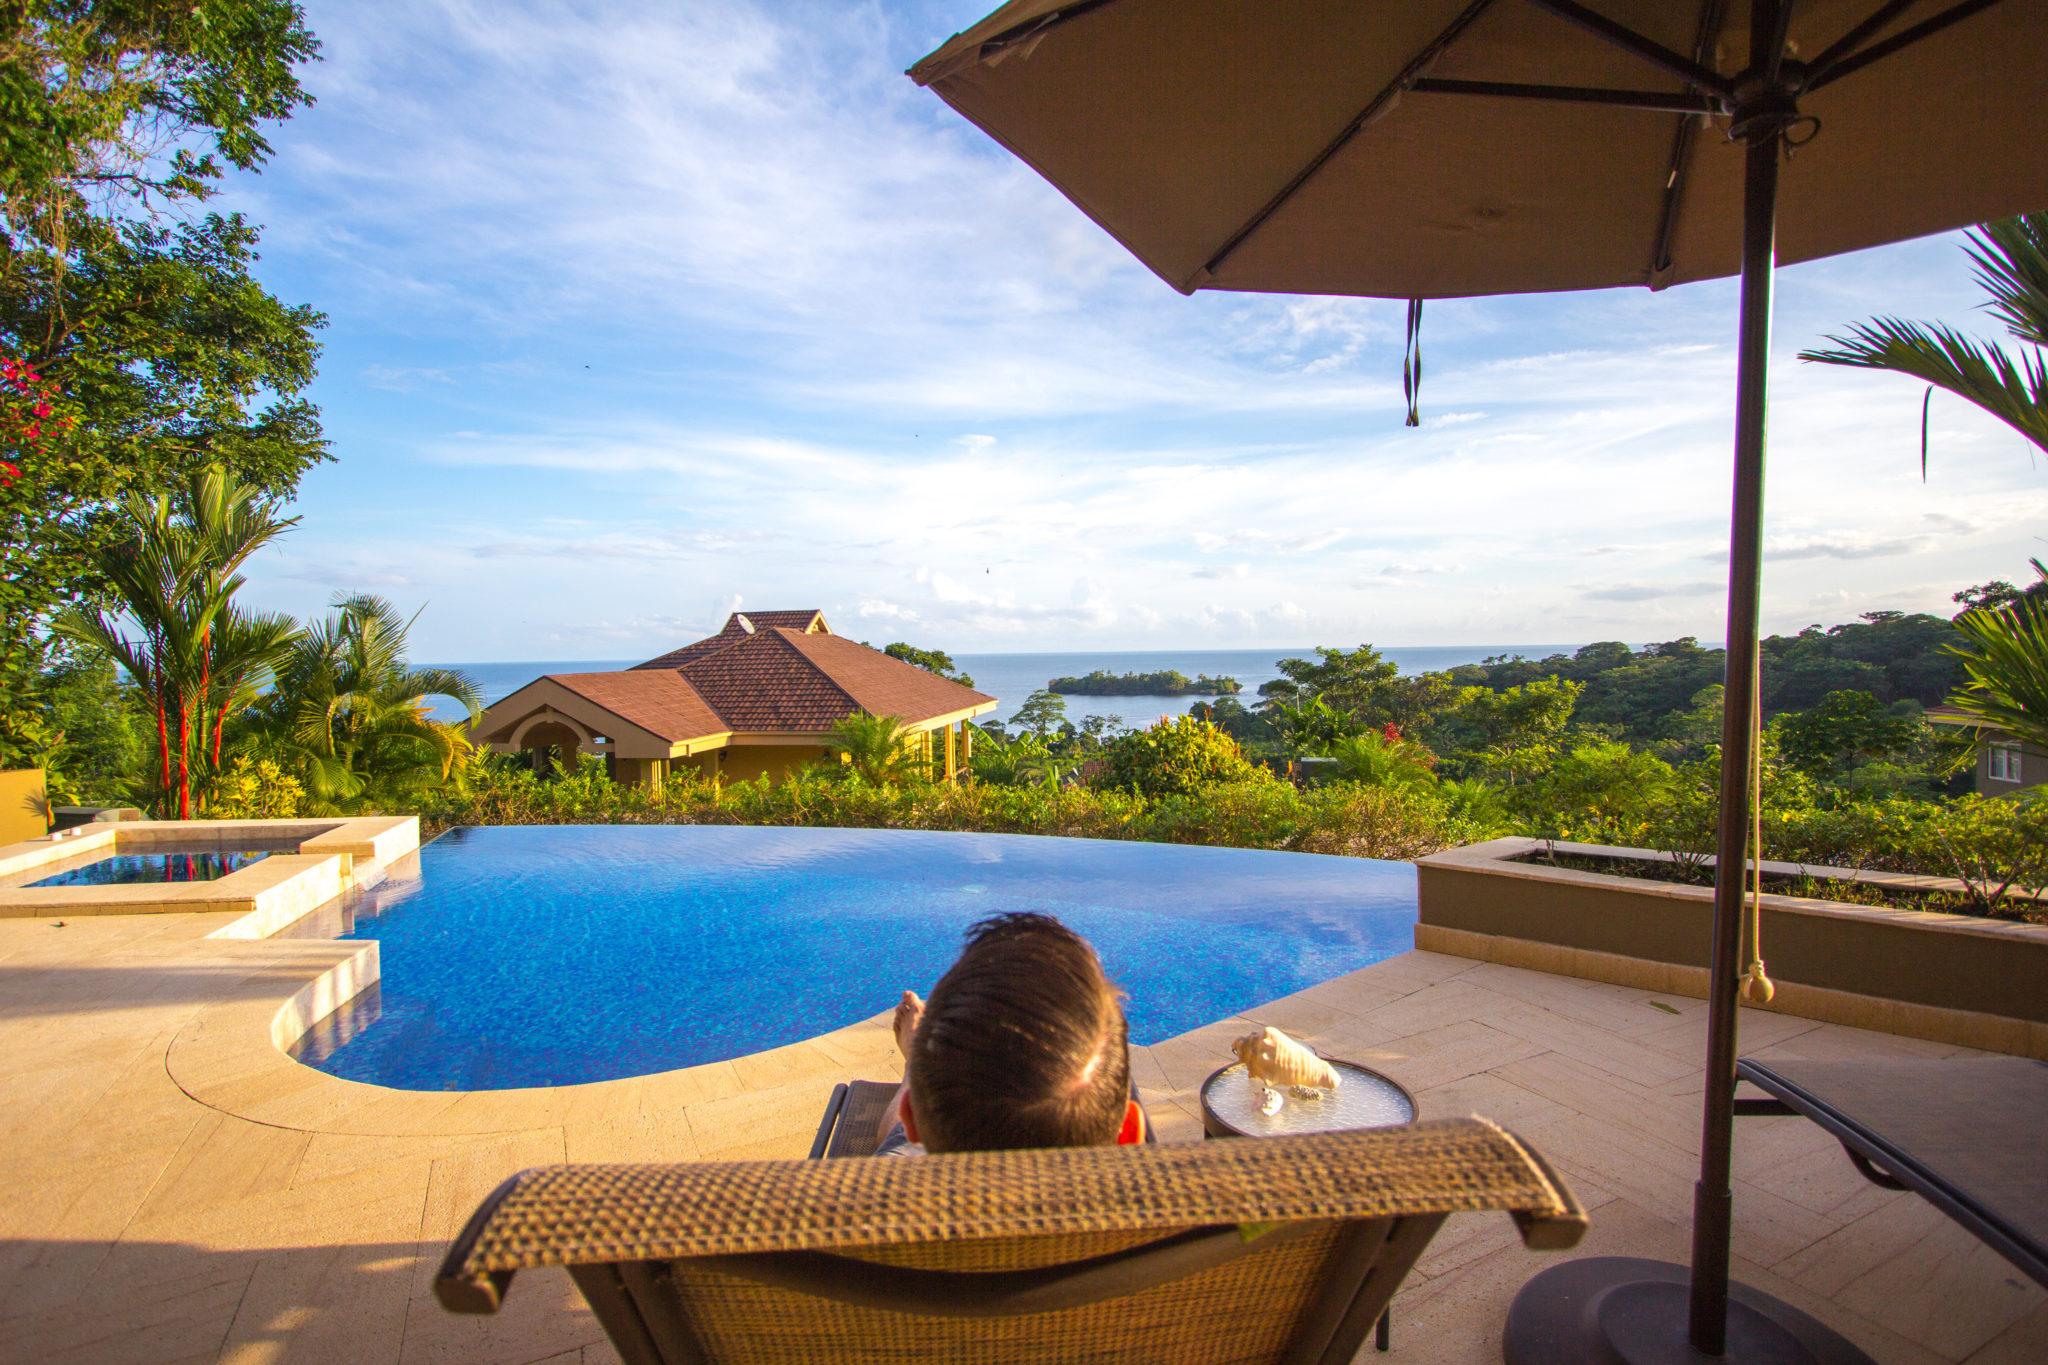 Panama Hotel Caribbean